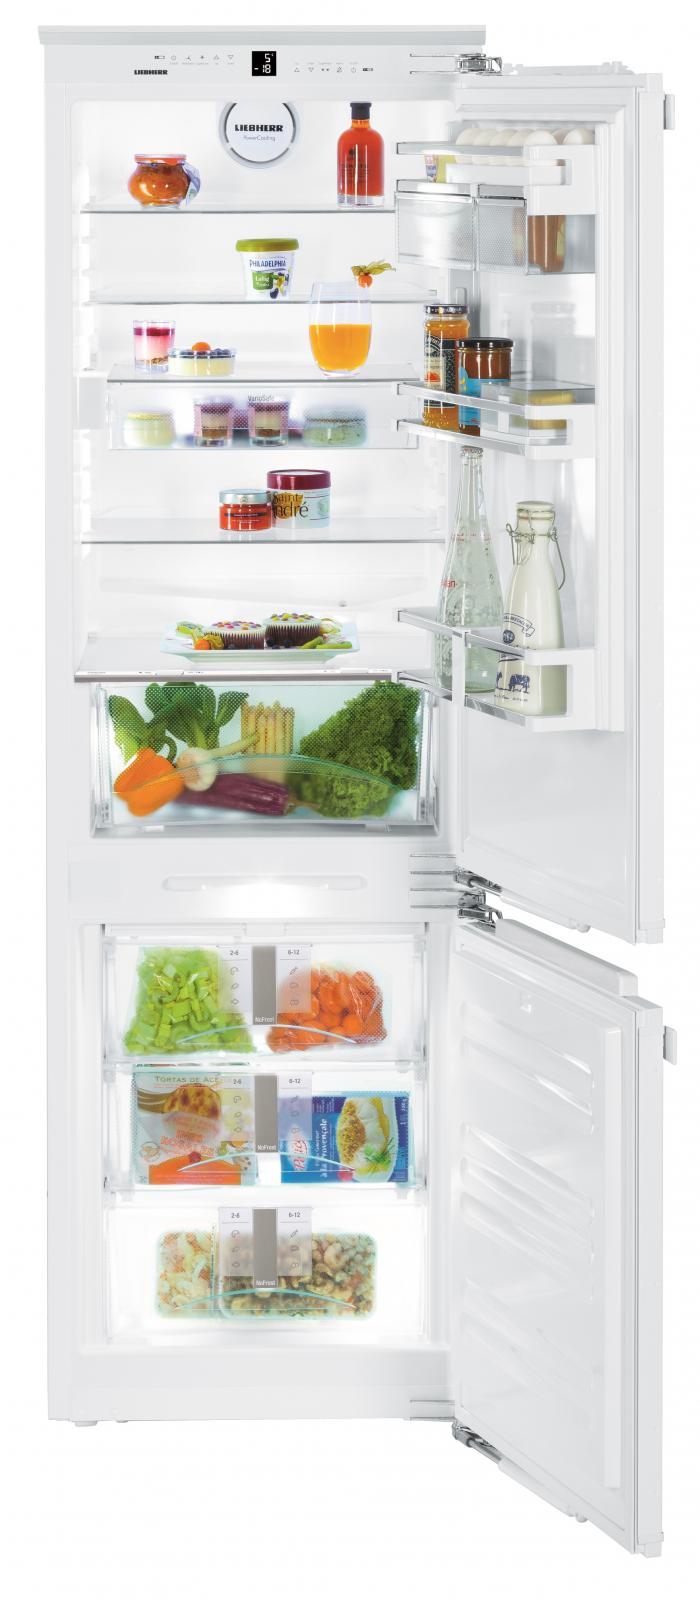 купить Встраиваемый двухкамерный холодильник Liebherr ICN 3376 Украина фото 0